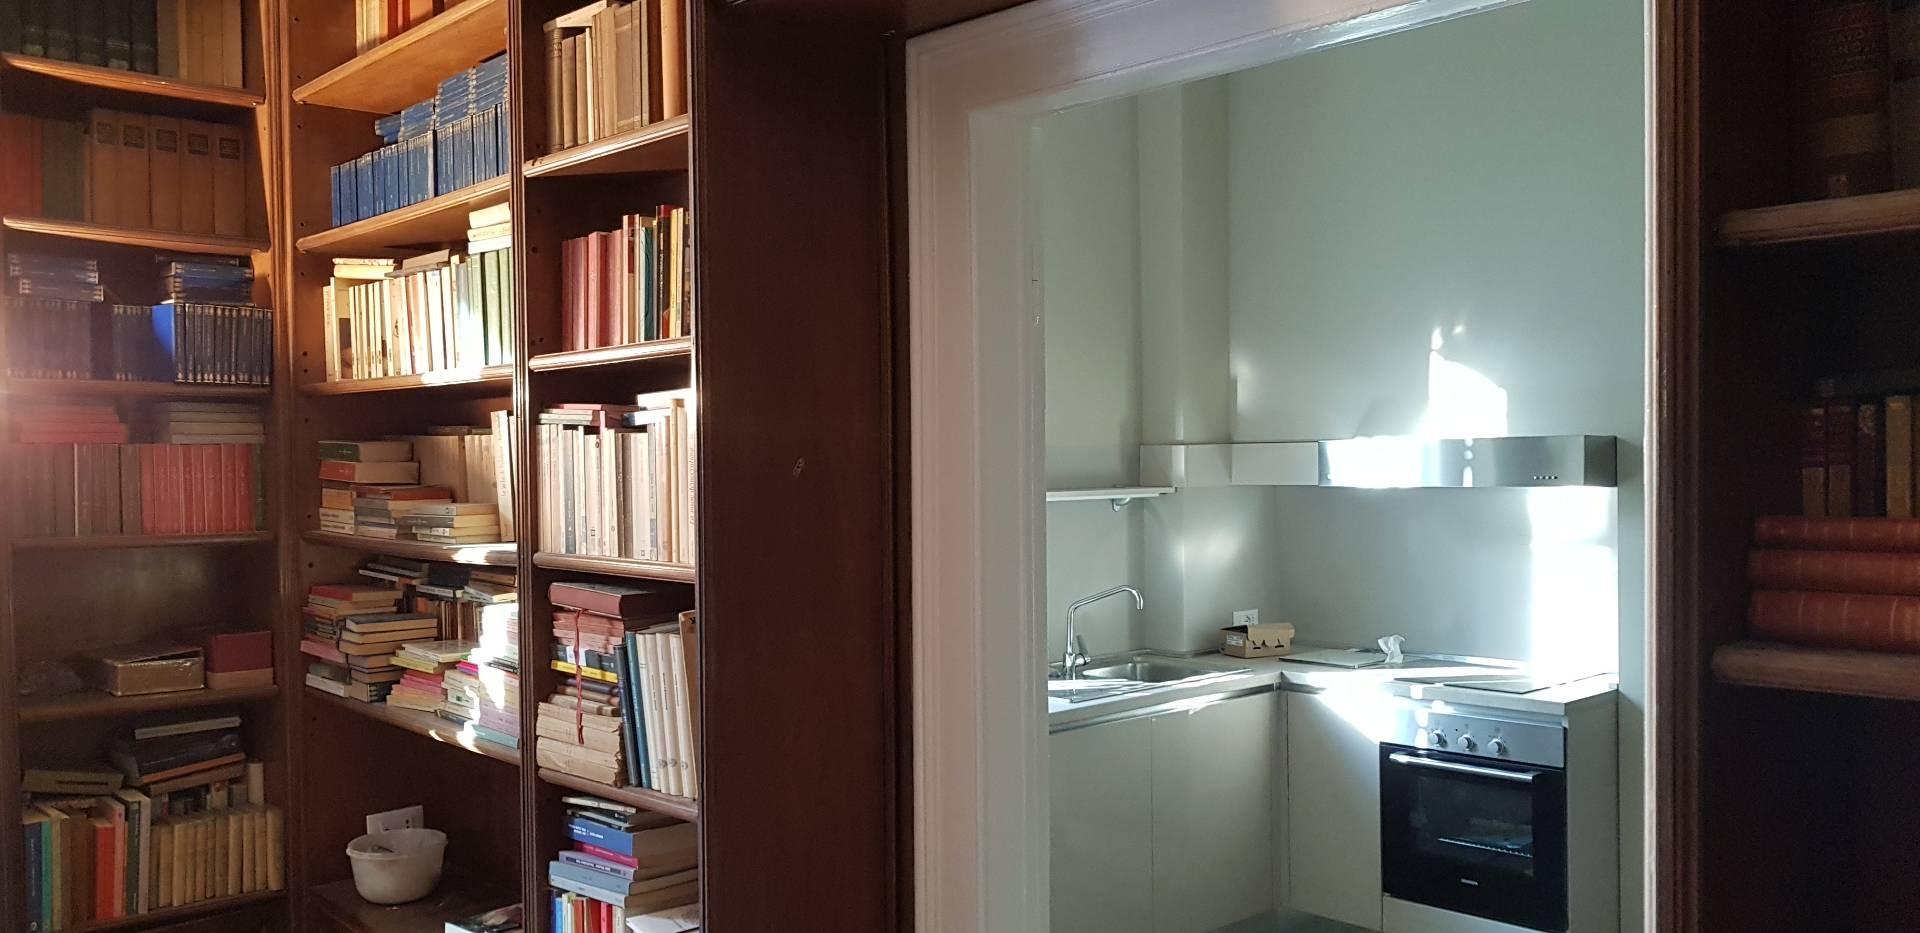 affitto appartamento milano vercelli  1580 euro  2 locali  80 mq